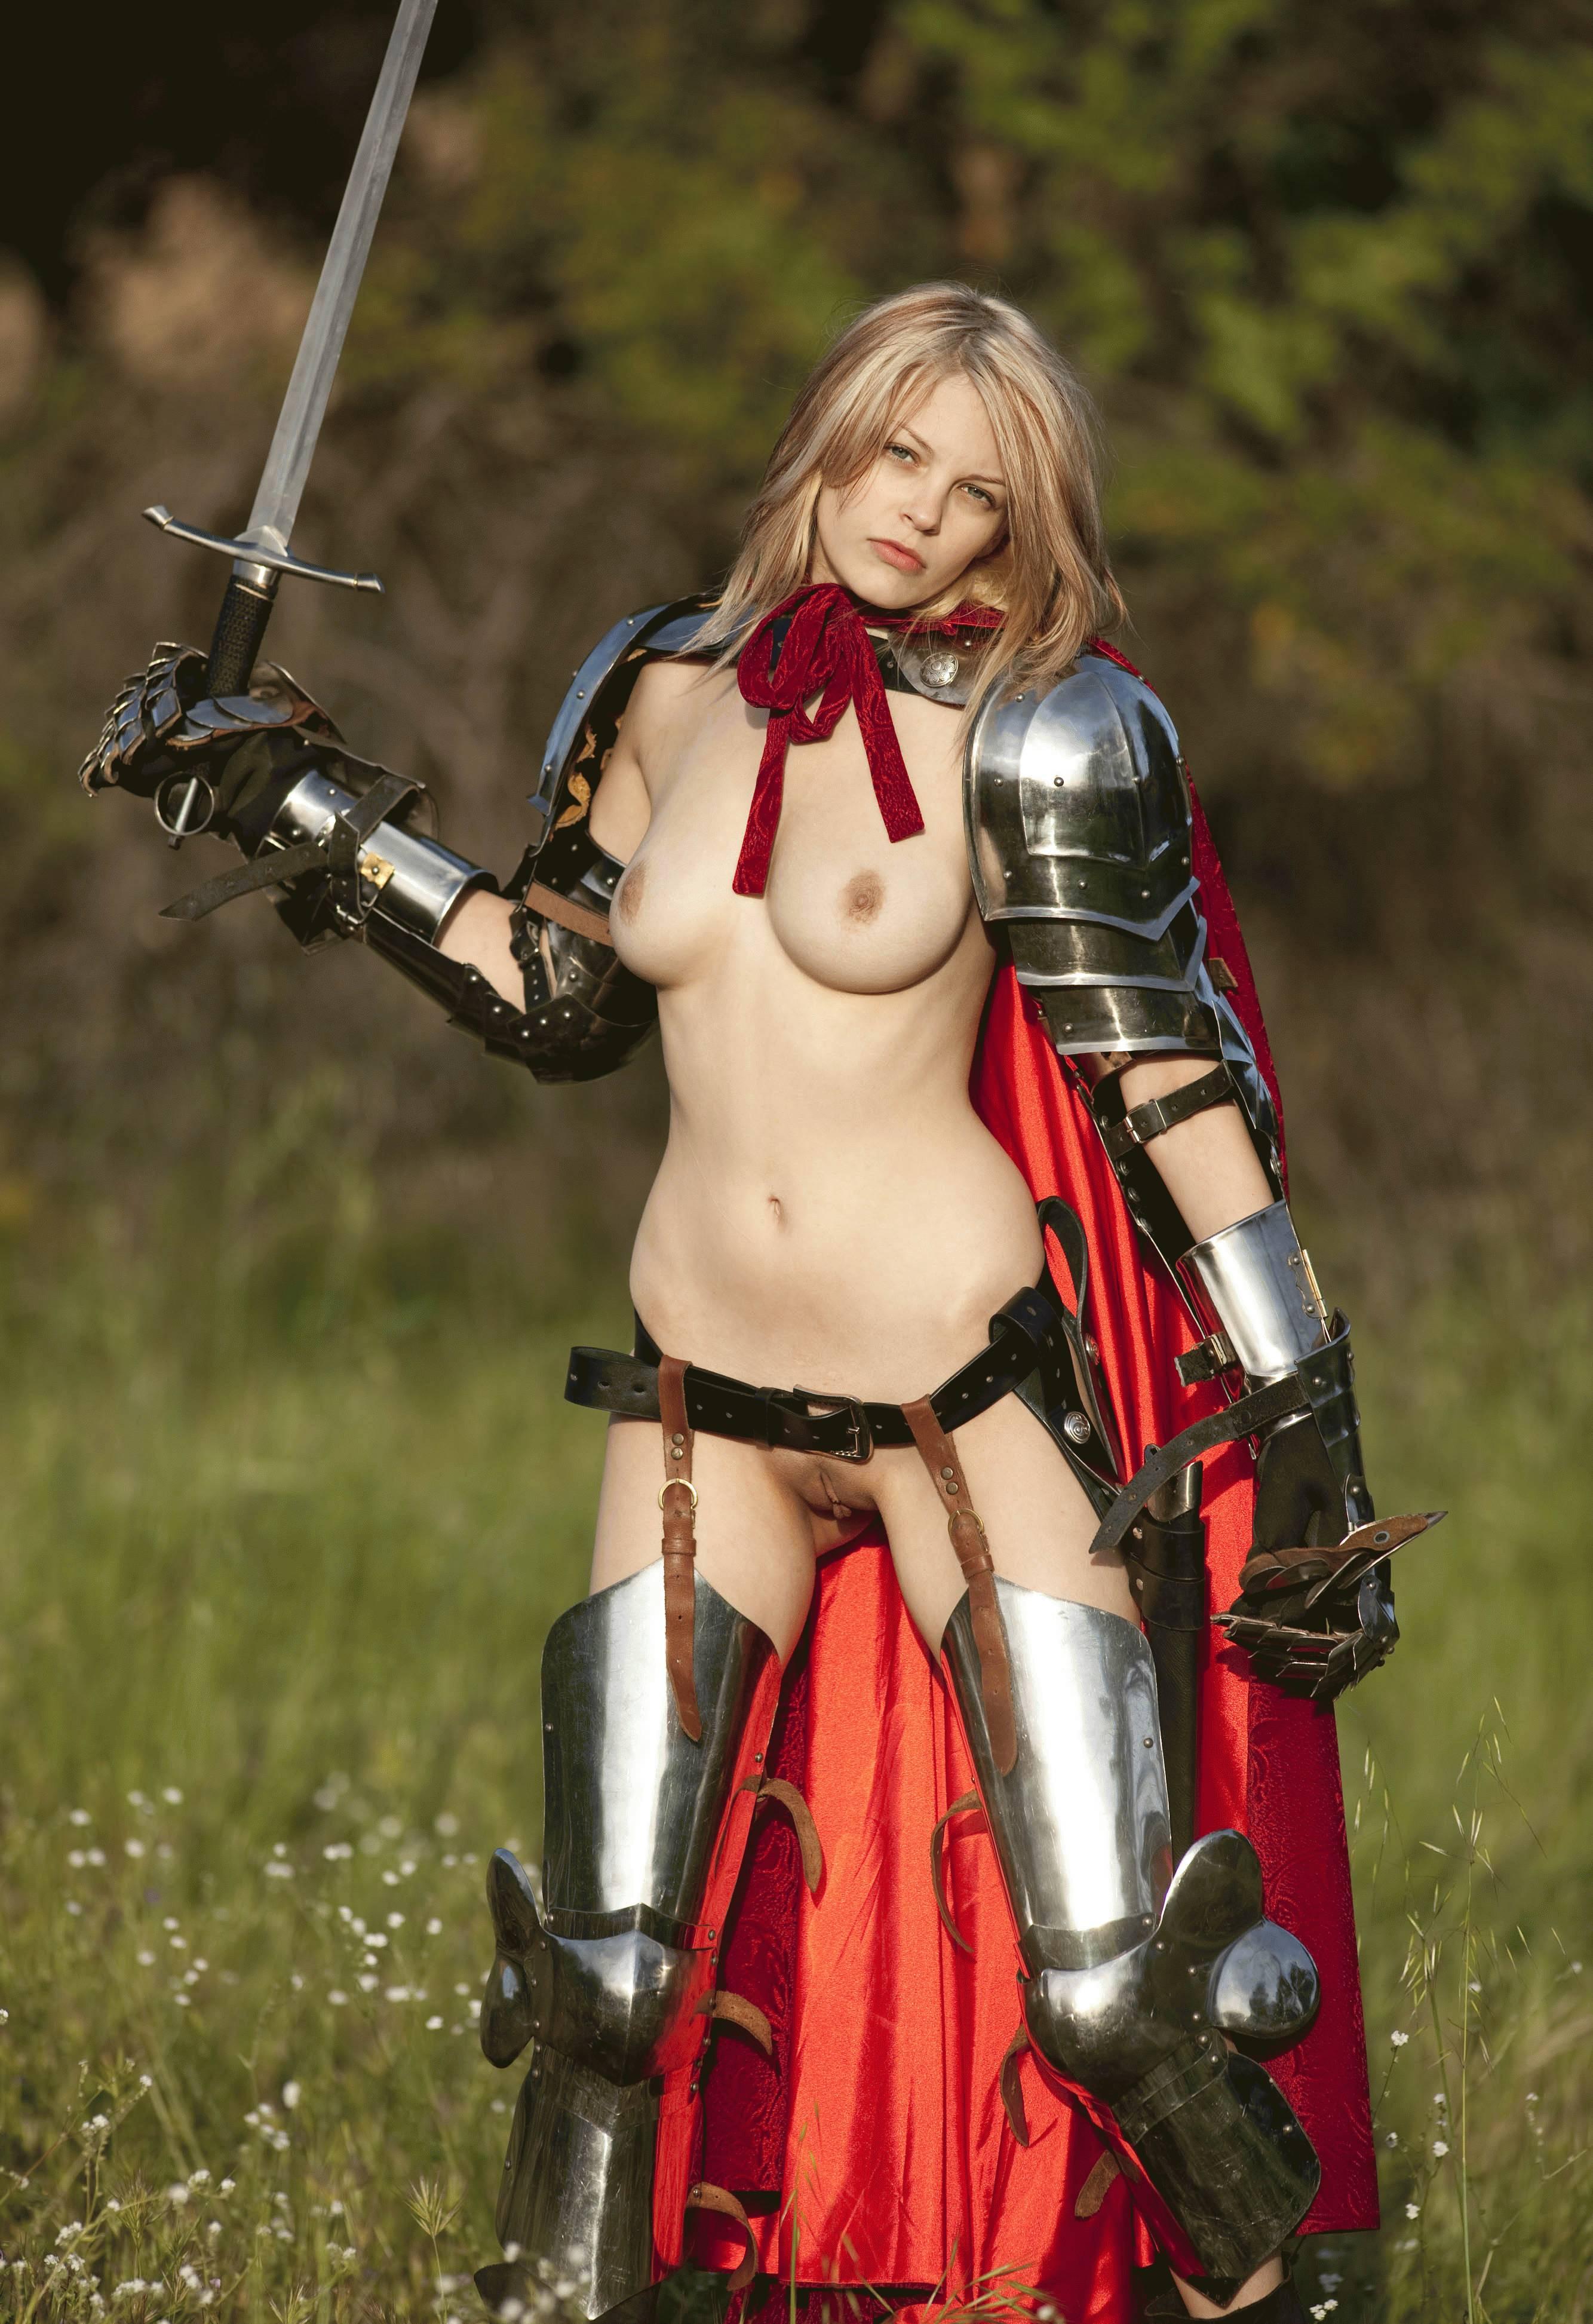 Armor girls nude in